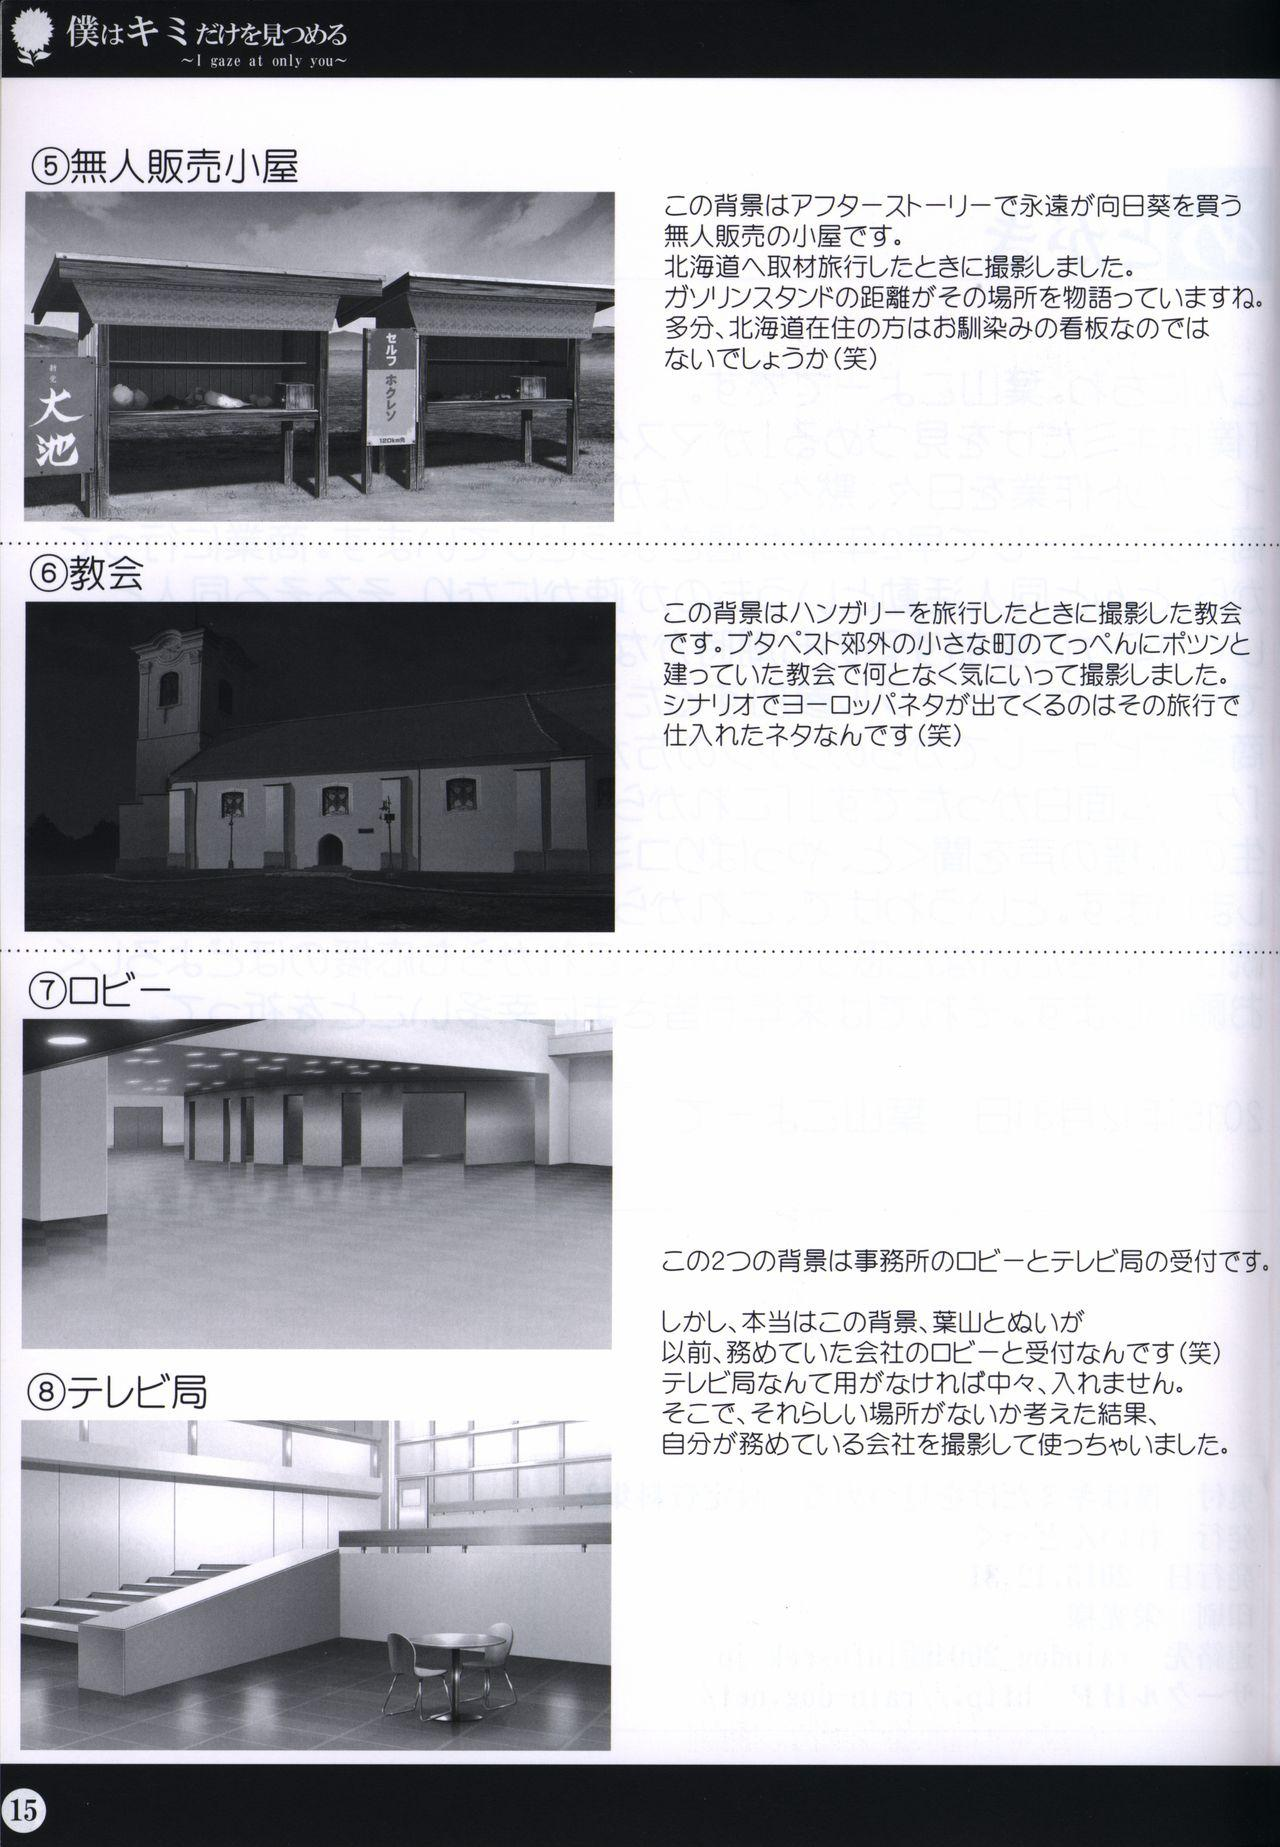 Boku wa Kimi Dake o Mitsumeru art collection 2 14